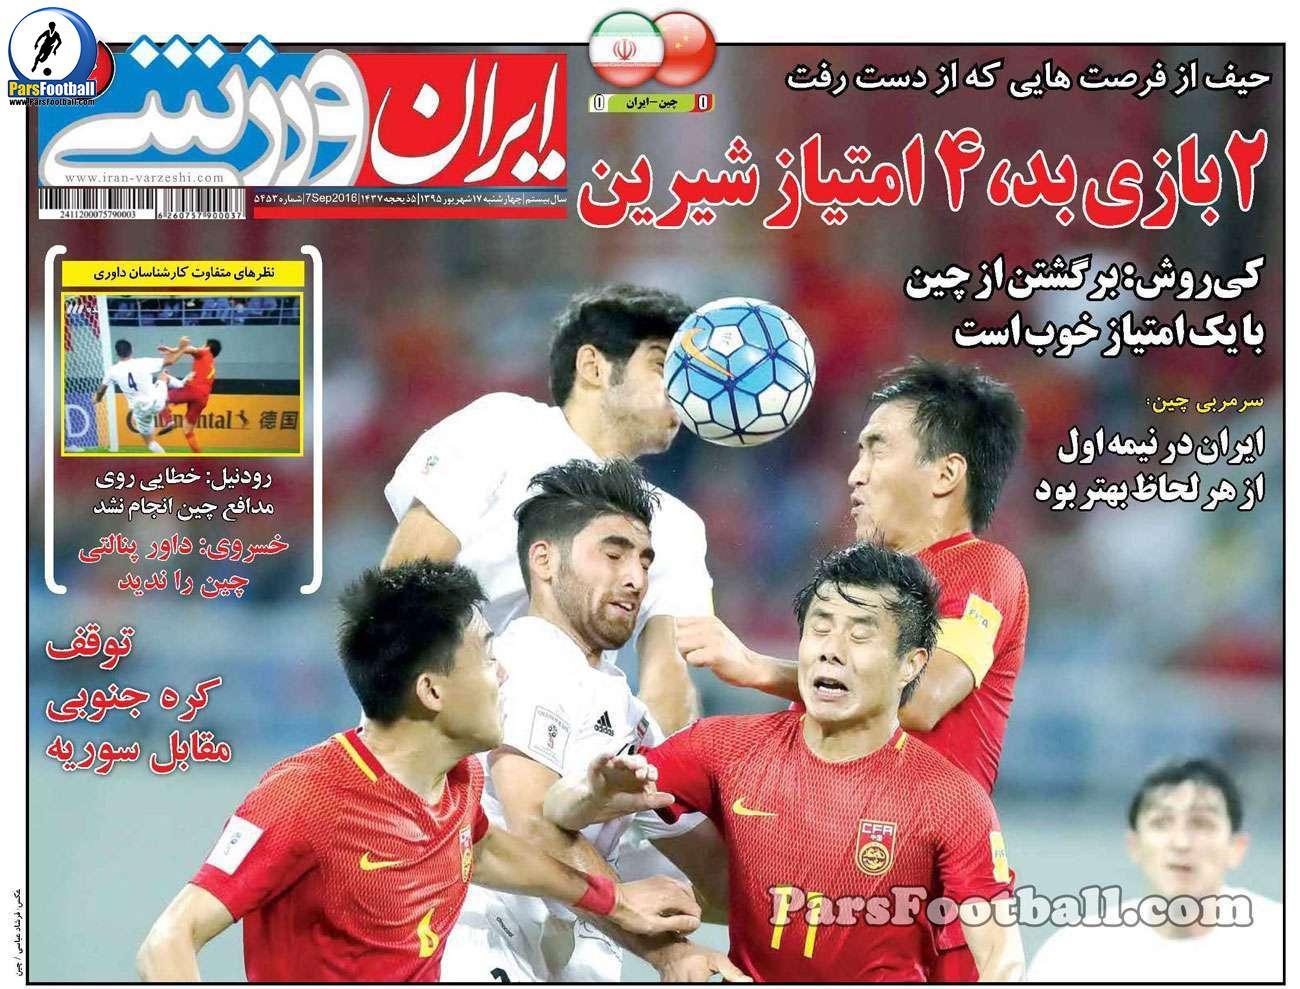 روزنامه ایران ورزشی چهارشنبه 17 شهریور 95